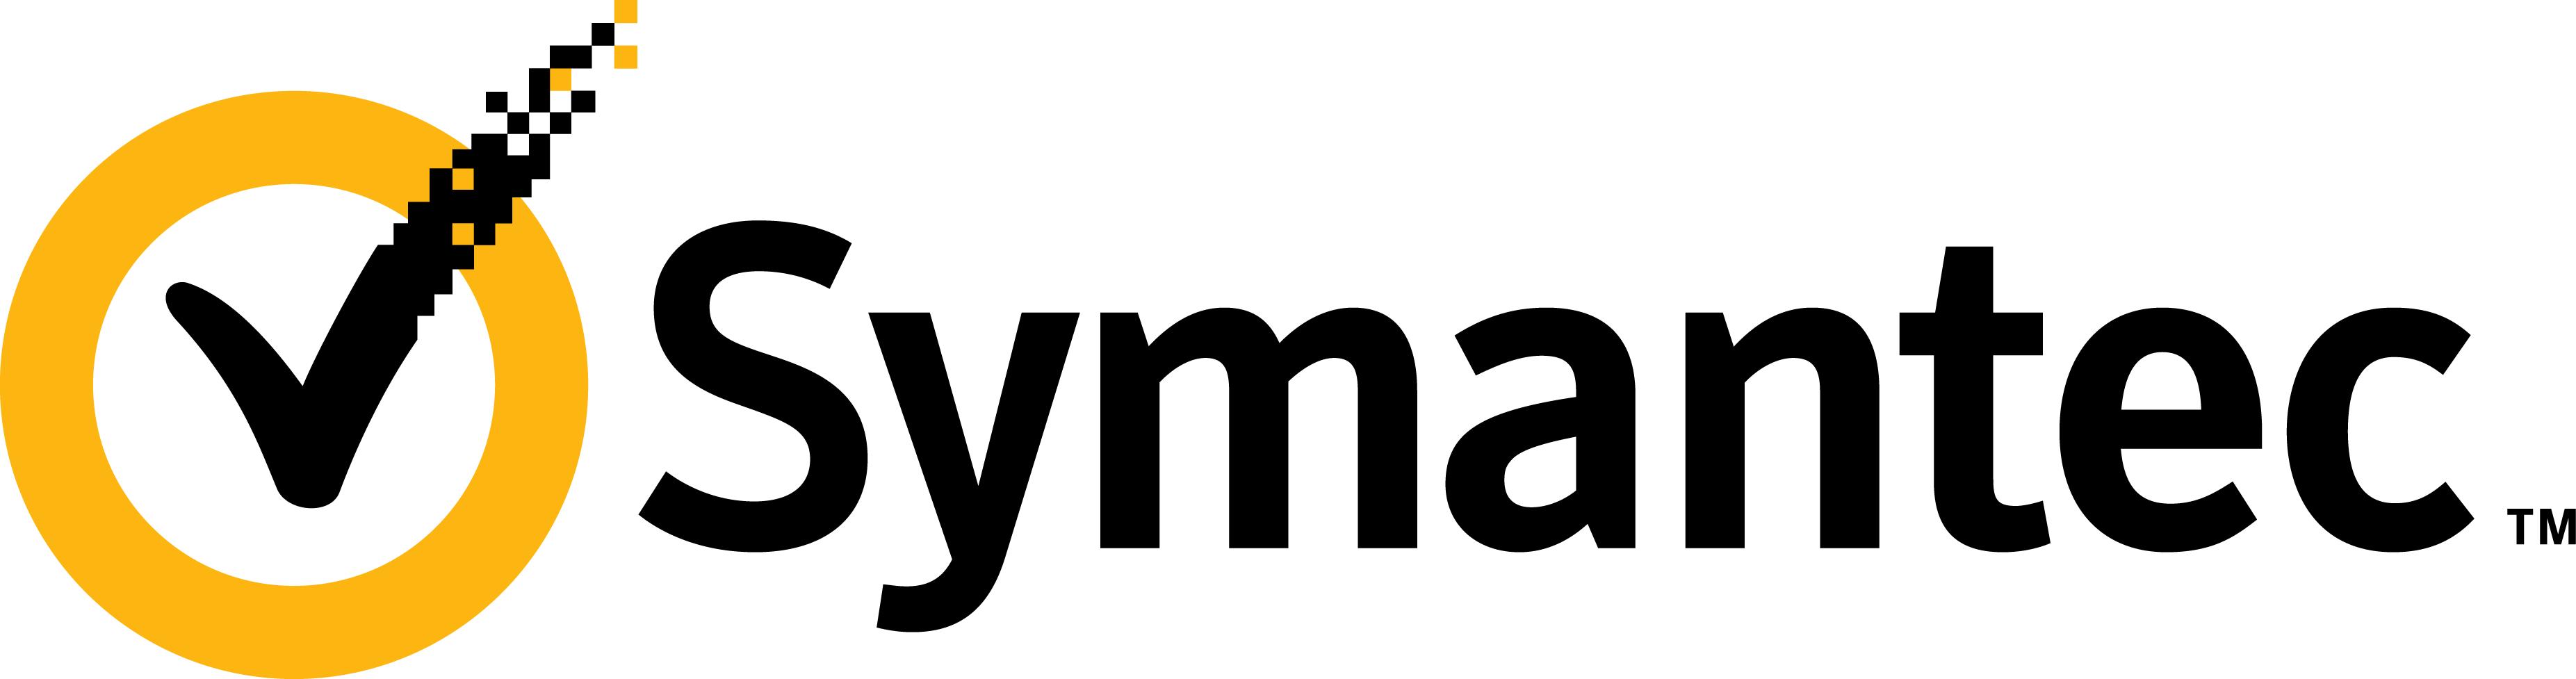 Symantec_logo_horizontal_2010-1